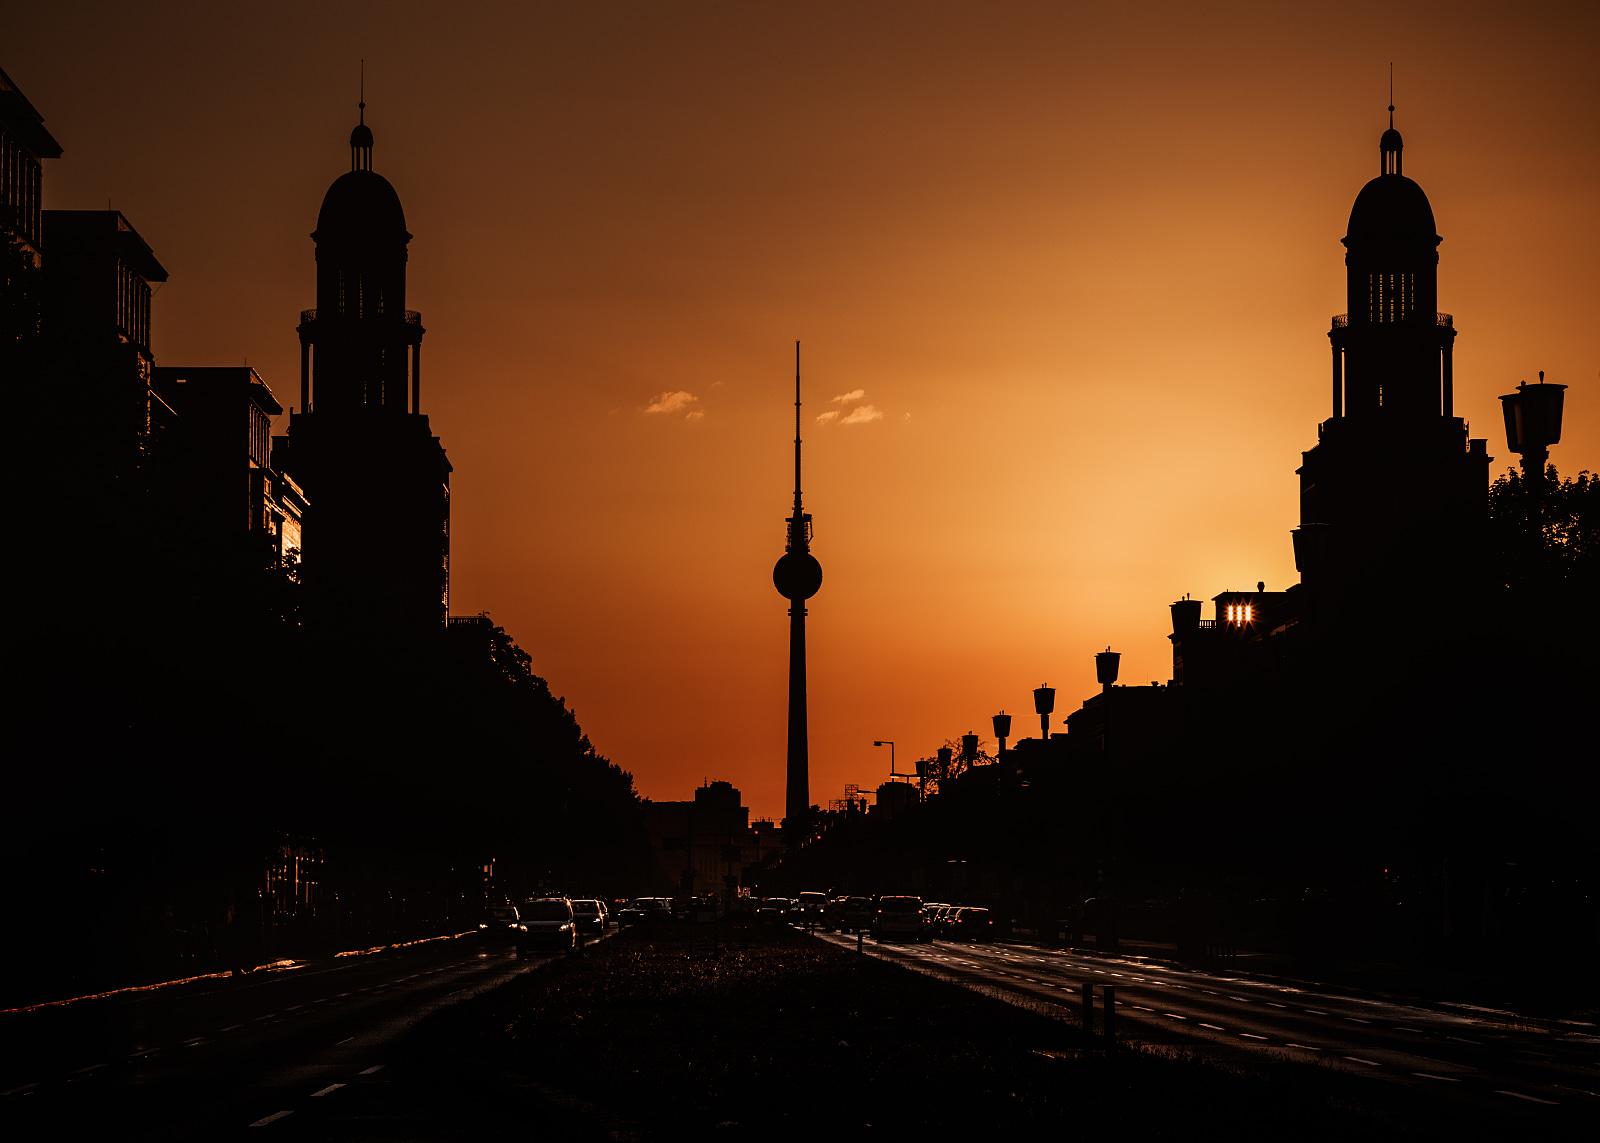 Frankfurter Tor at sunset